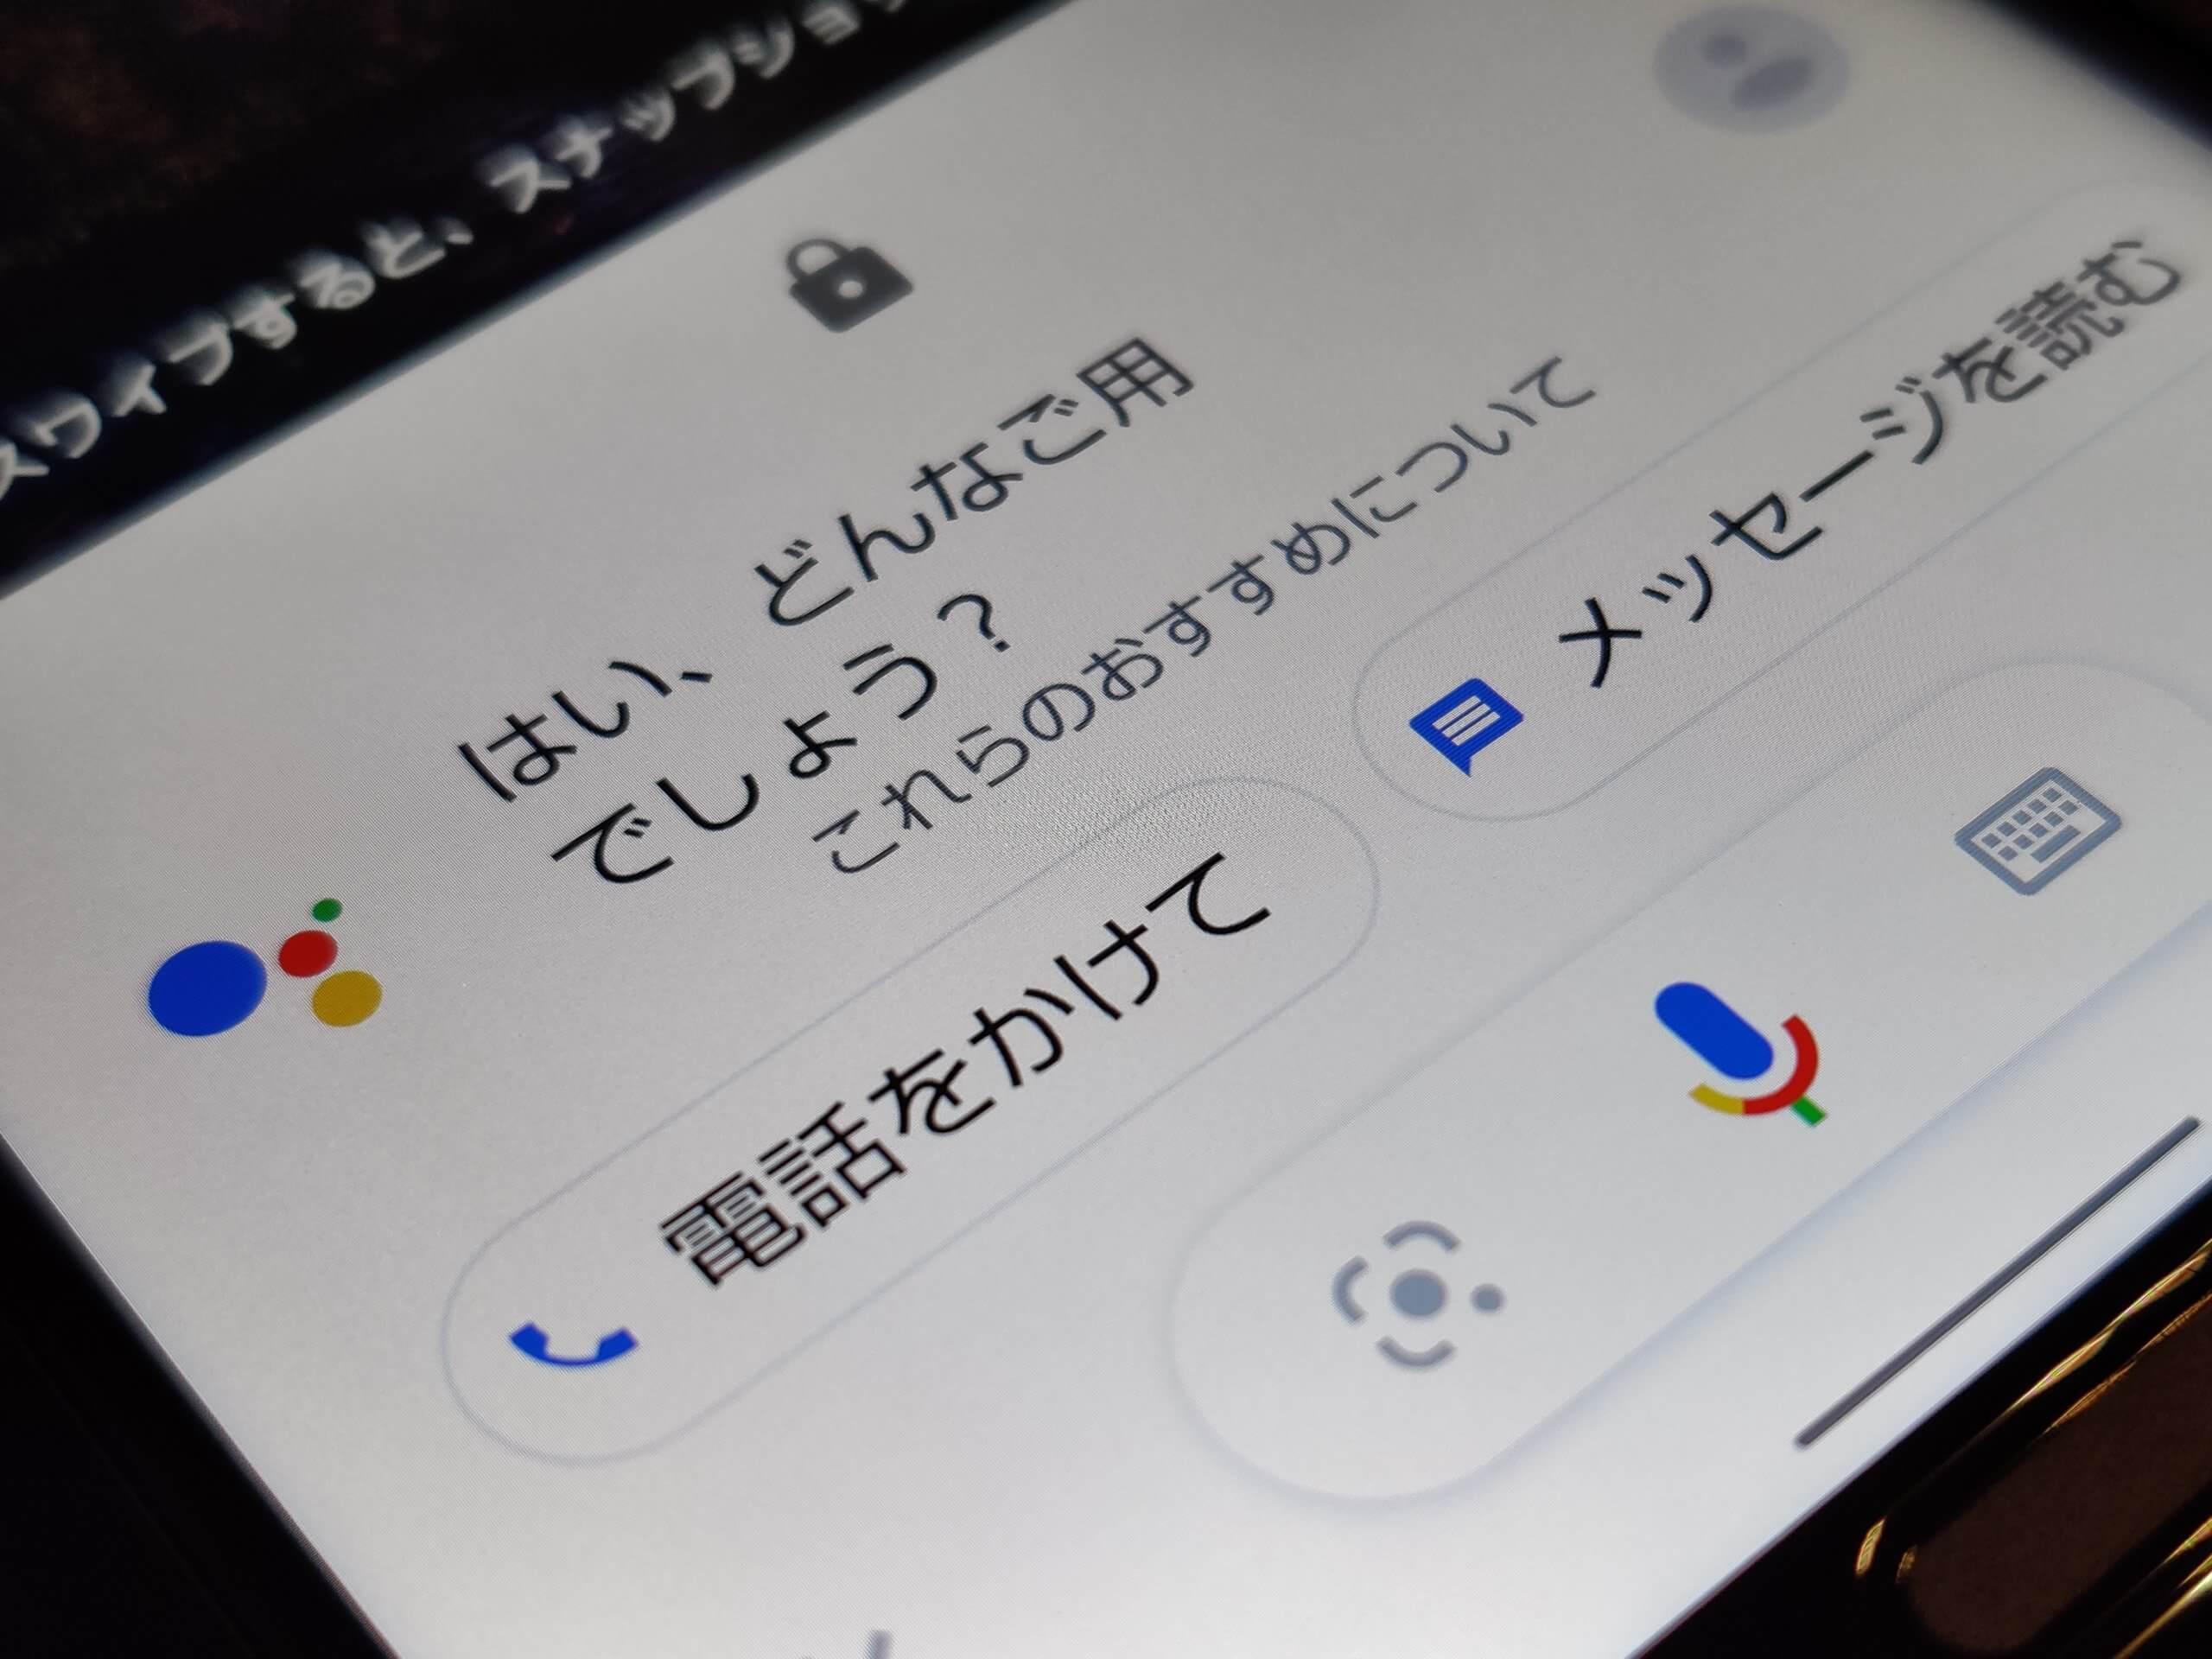 AQUOS sense4を操作するのに便利なGoogleアシスタント